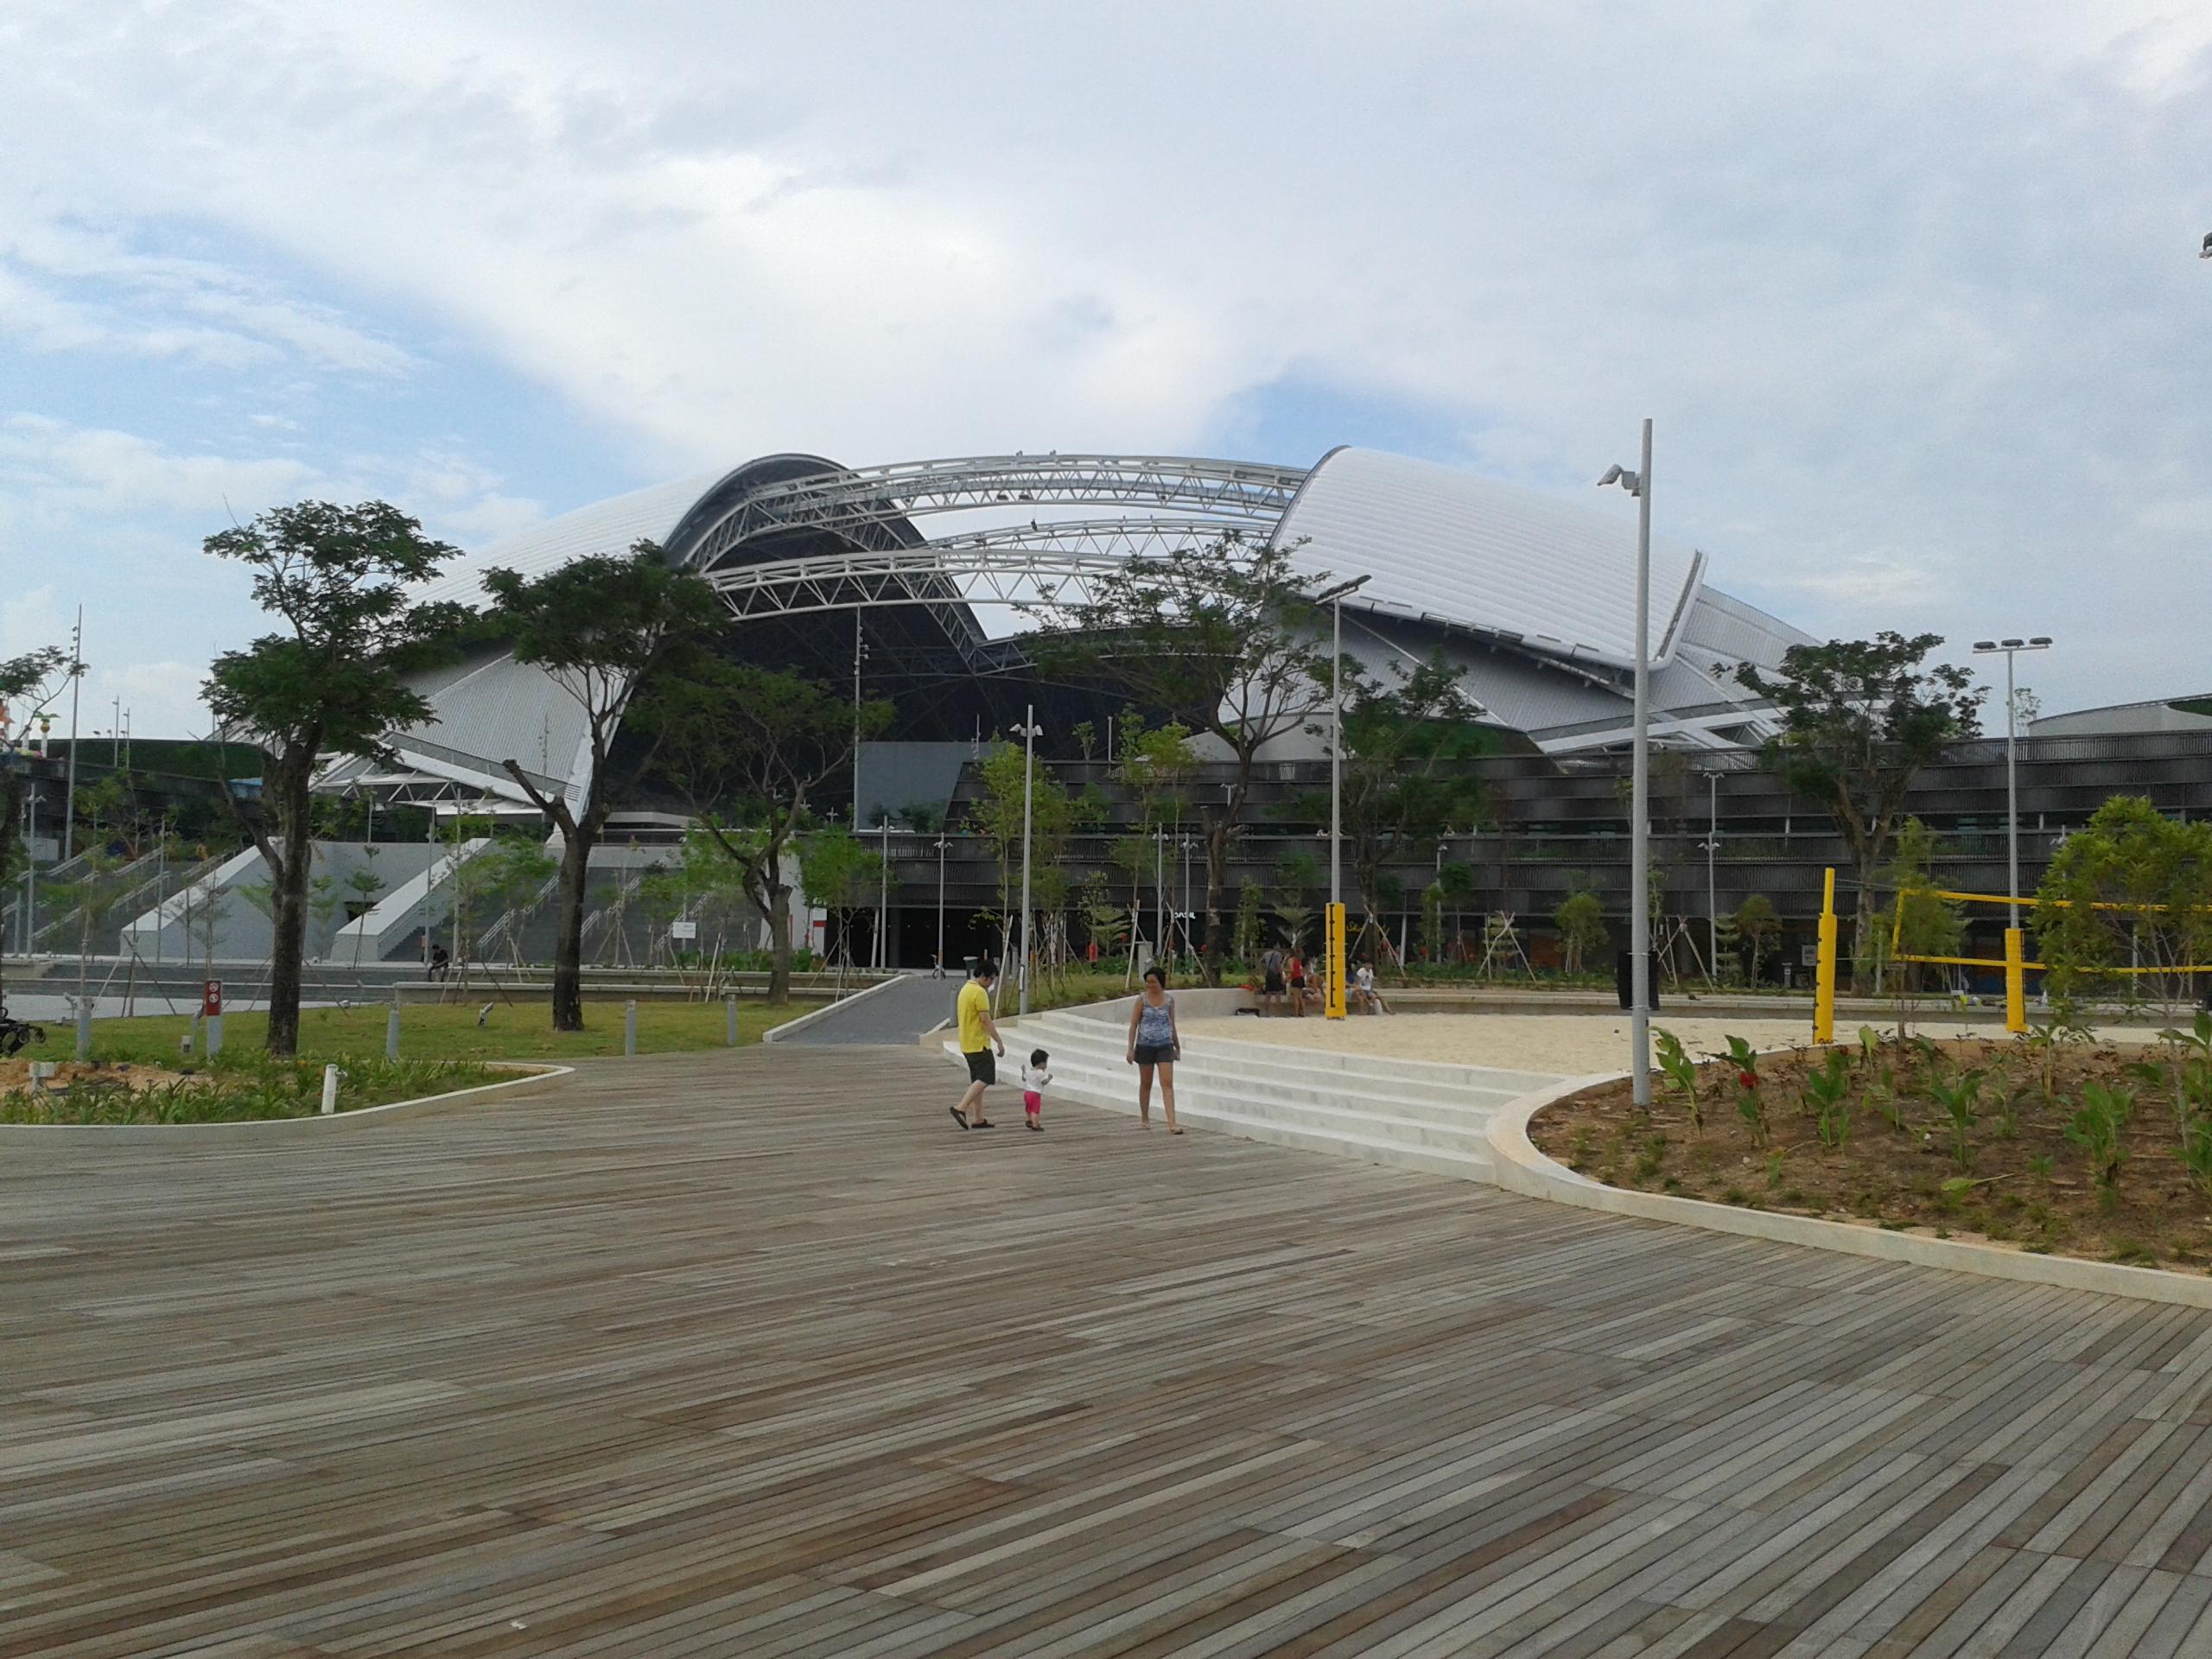 17671dc72b38 Singapore Sports Hub - Wikipedia